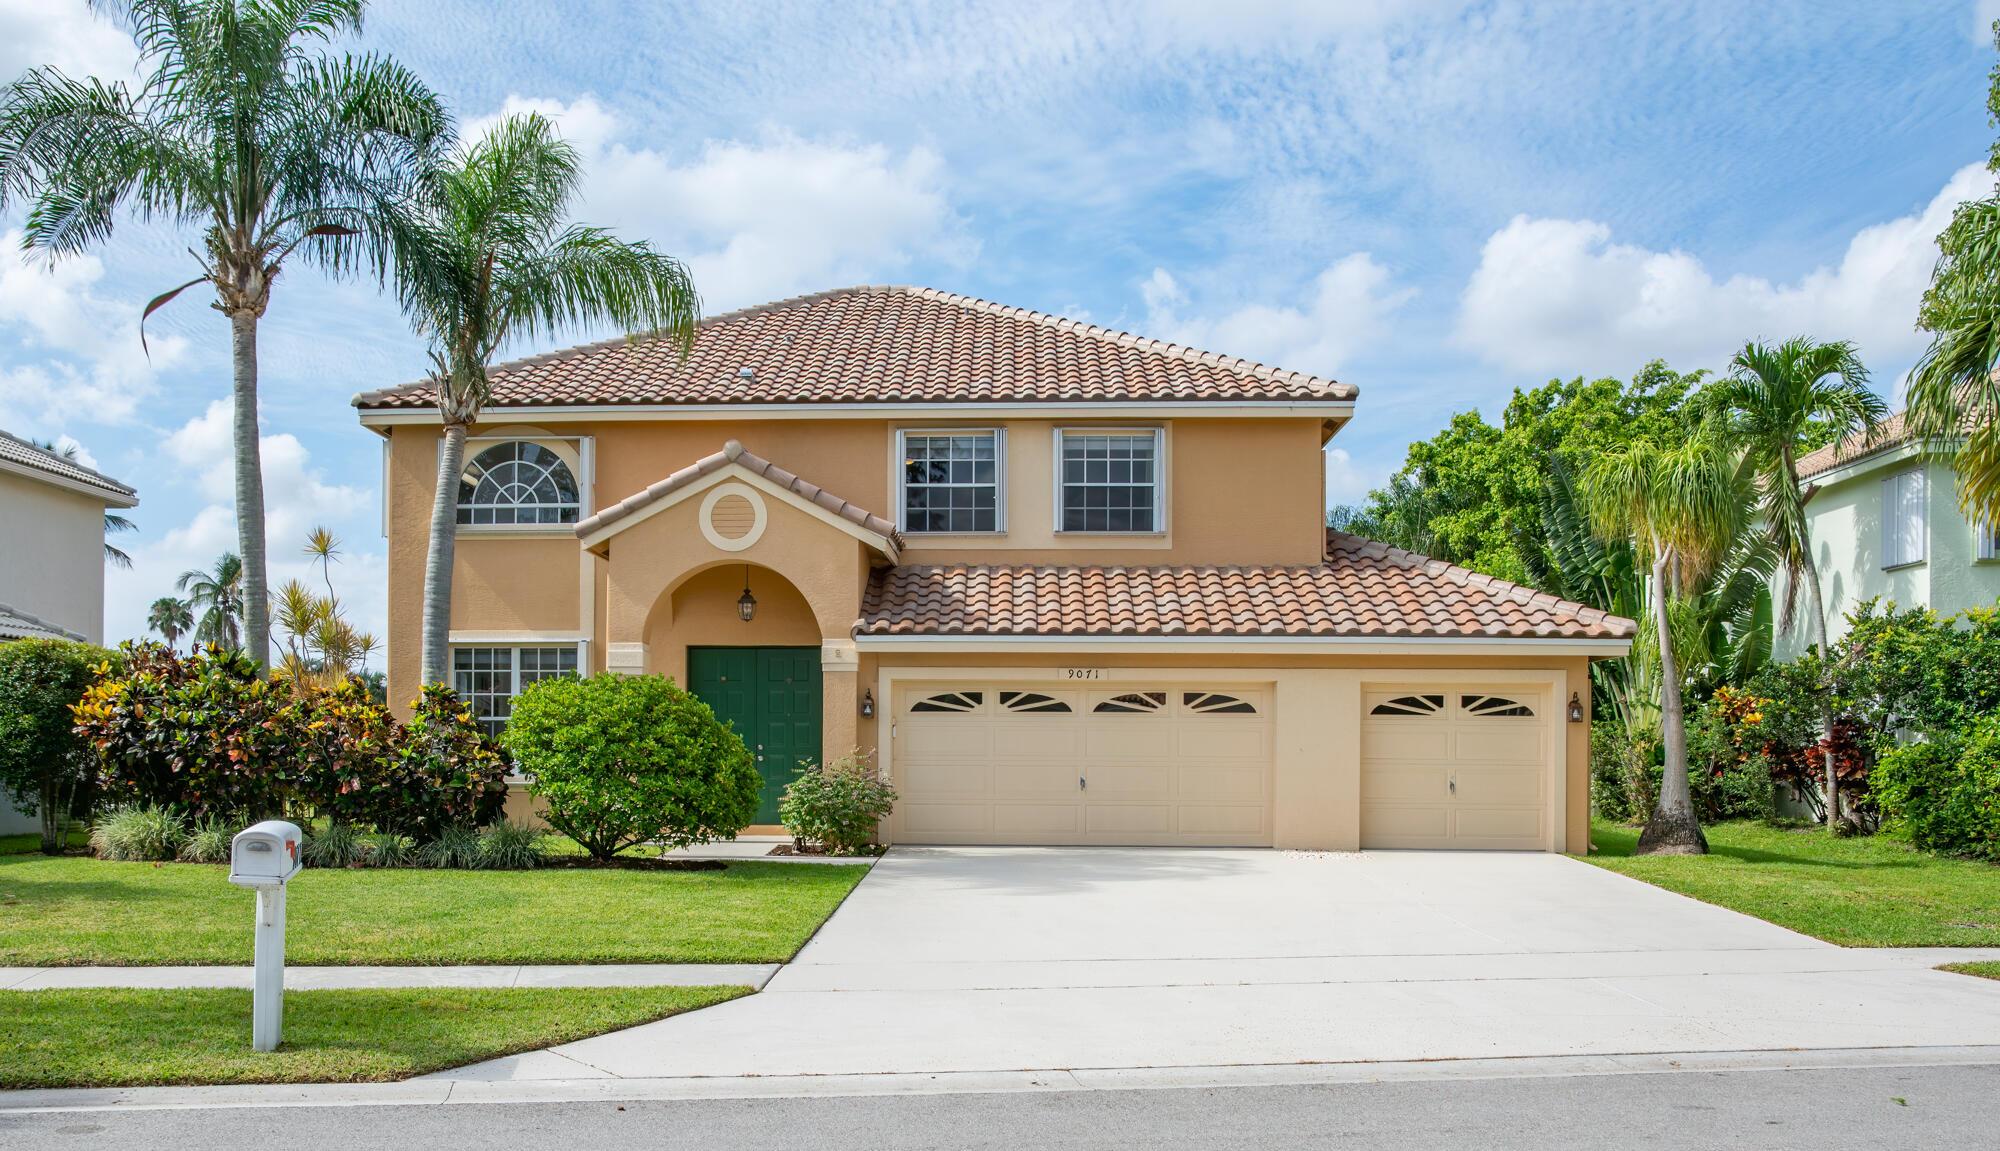 9071 Picot Court Boynton Beach, FL 33472